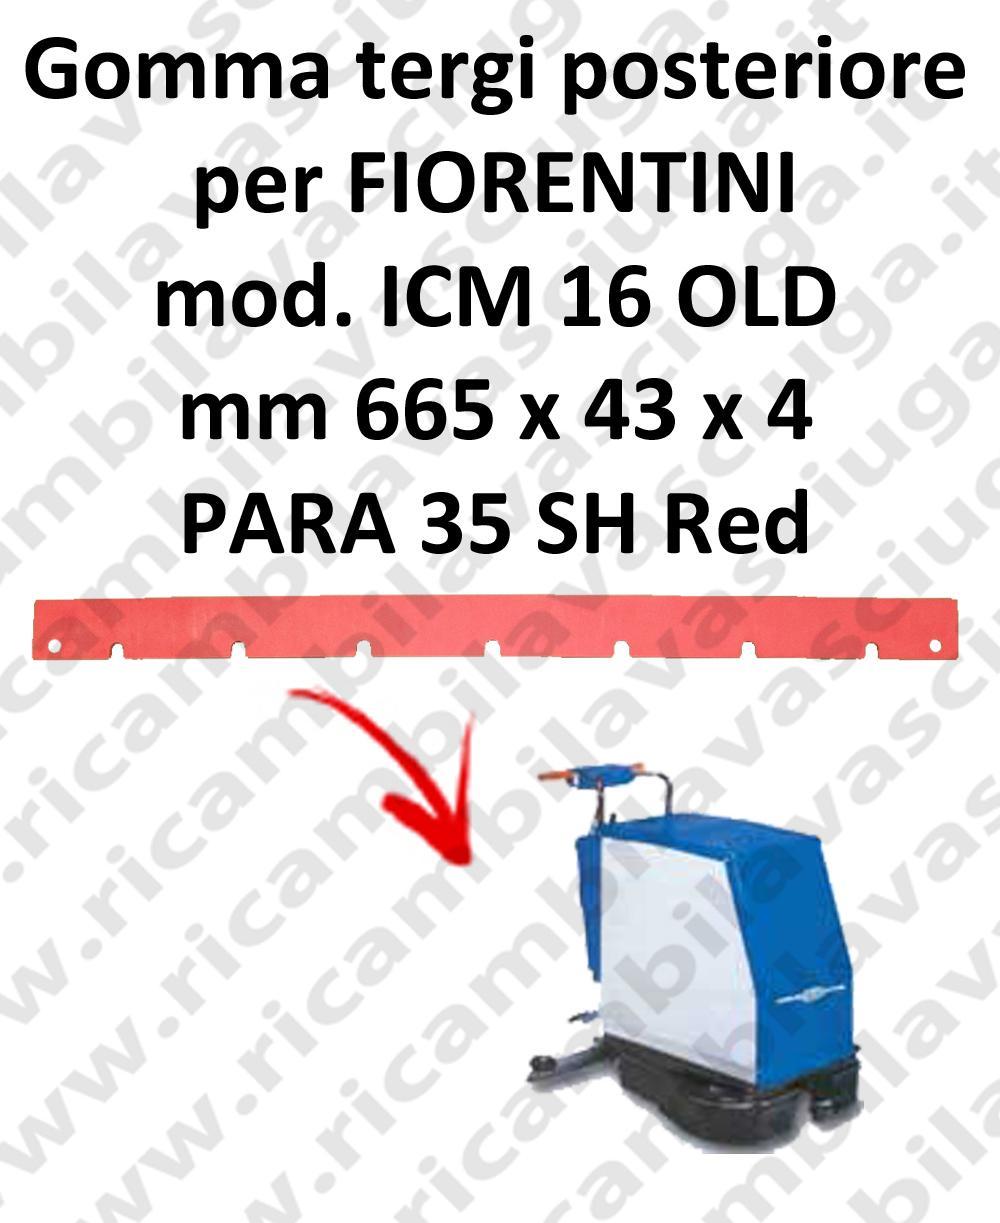 ICM 16 OLD GOMMA TERGI posteriore per tergipavimento FIORENTINI